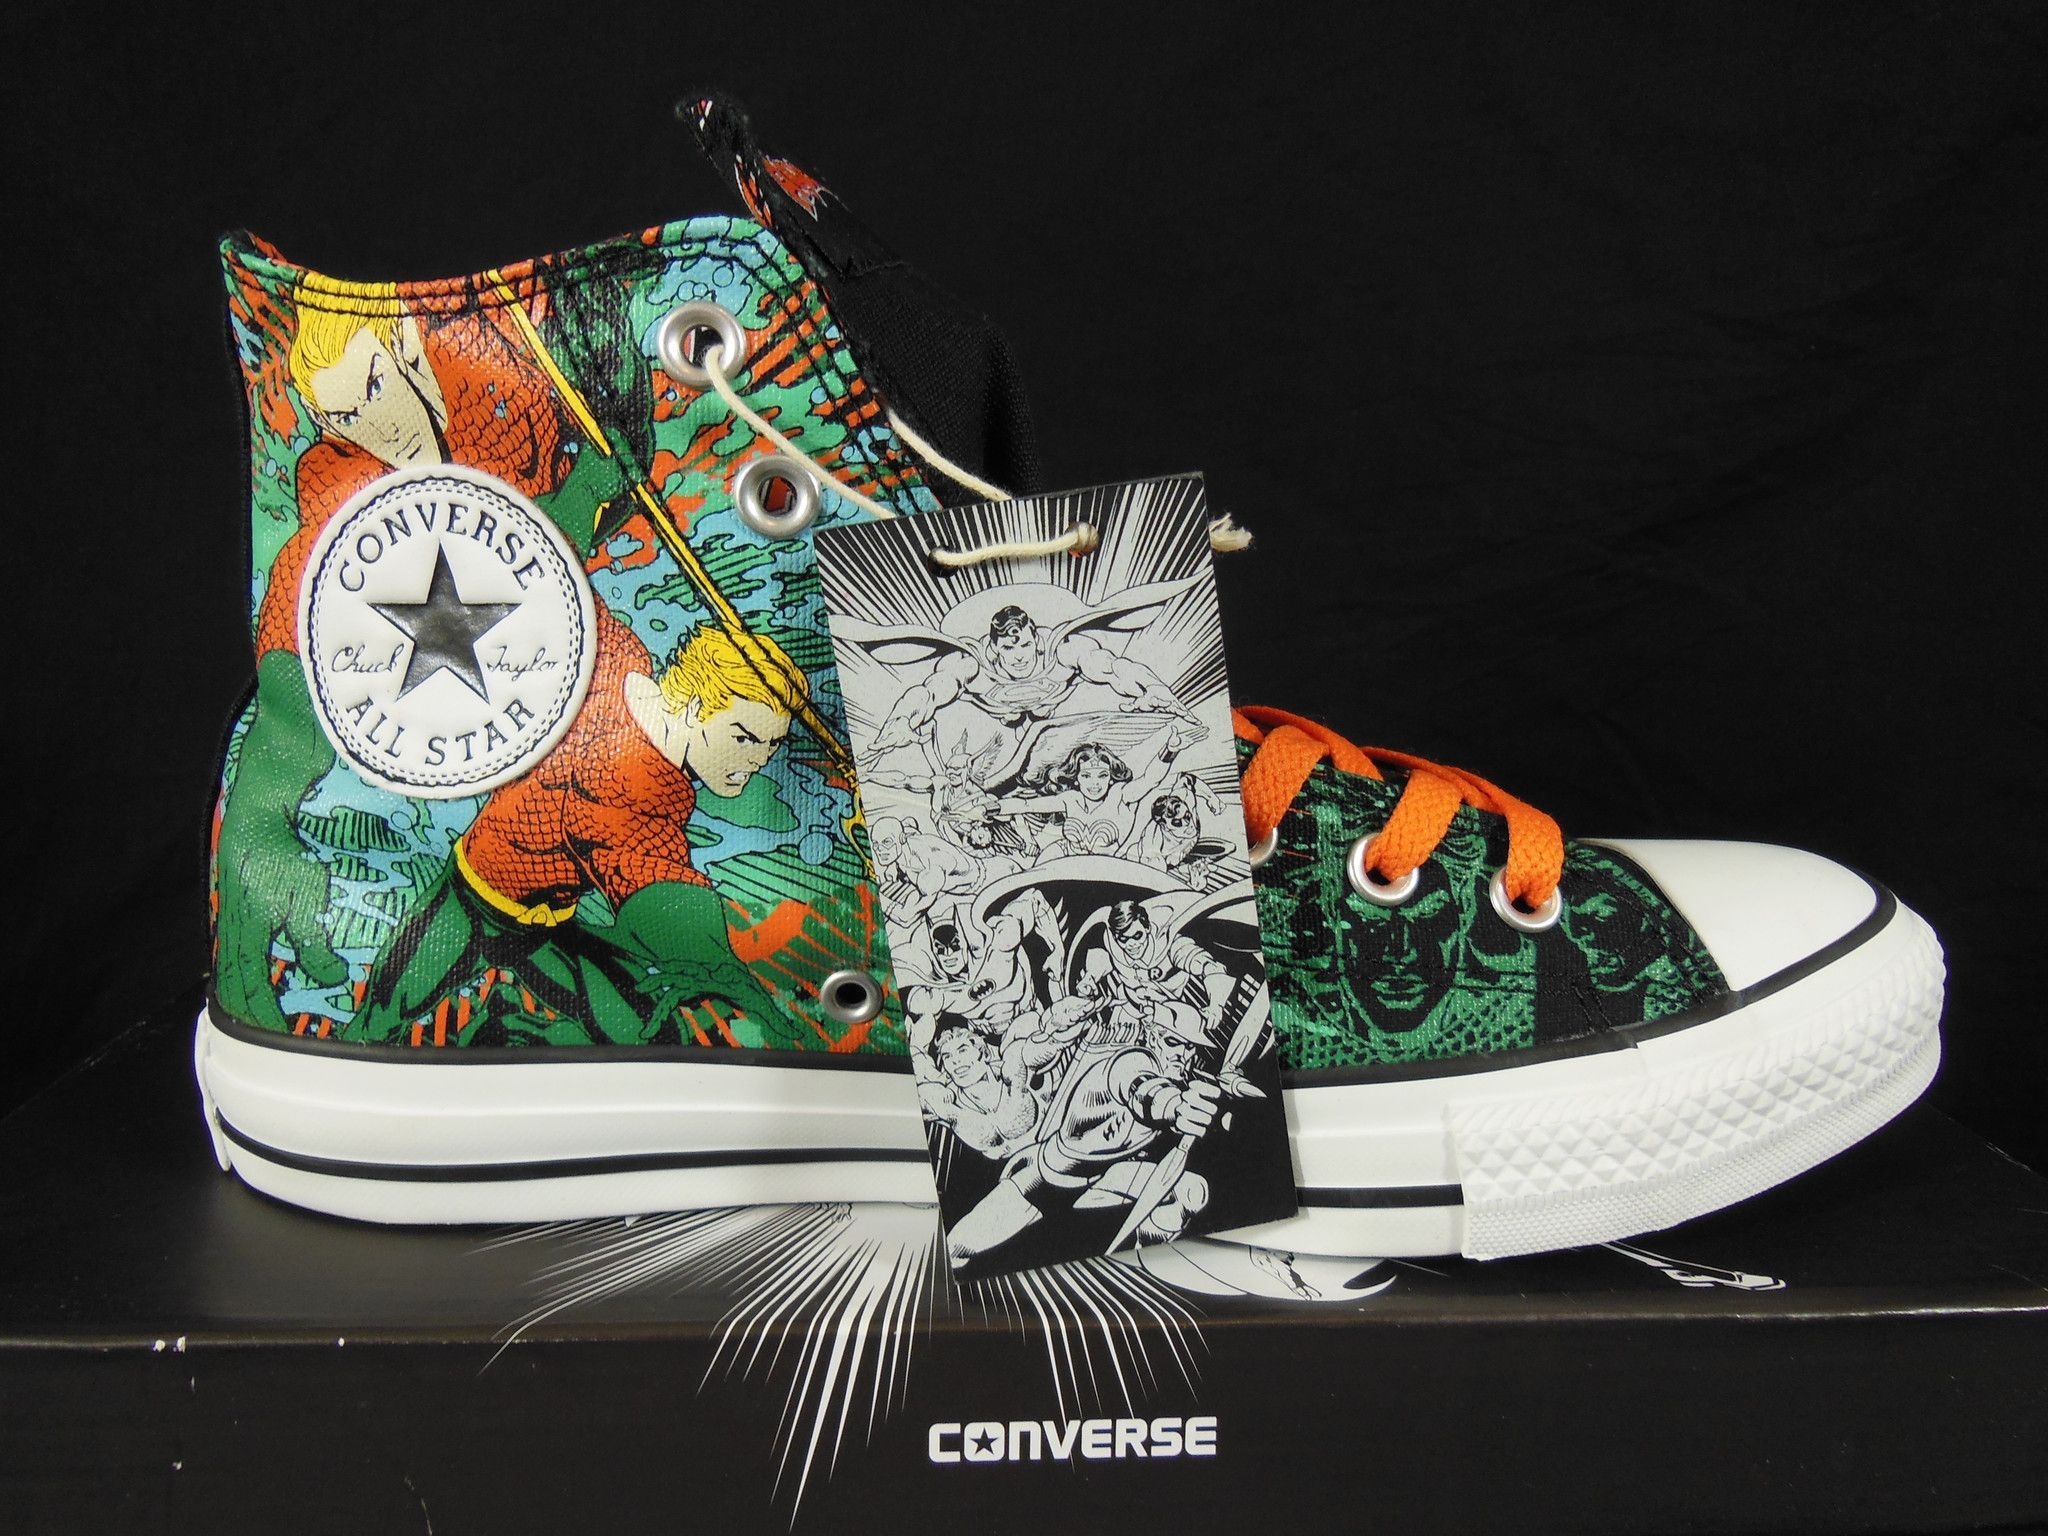 9de7162ae482 Converse Aquaman All Star Chuck Taylor DC Comics Kicks   Sneakers ...